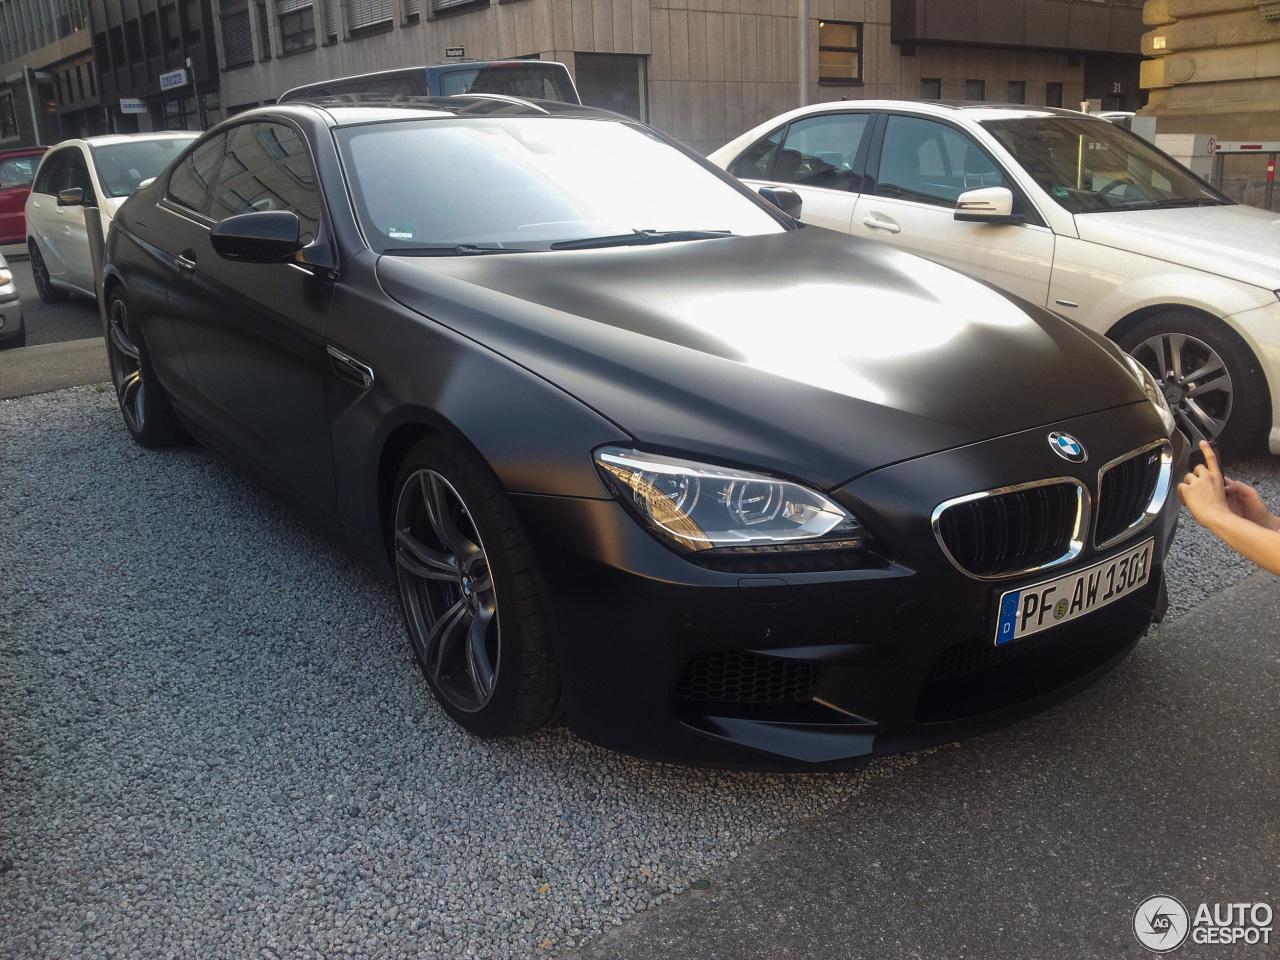 Bmw M6 F13 12 Juli 2013 Autogespot